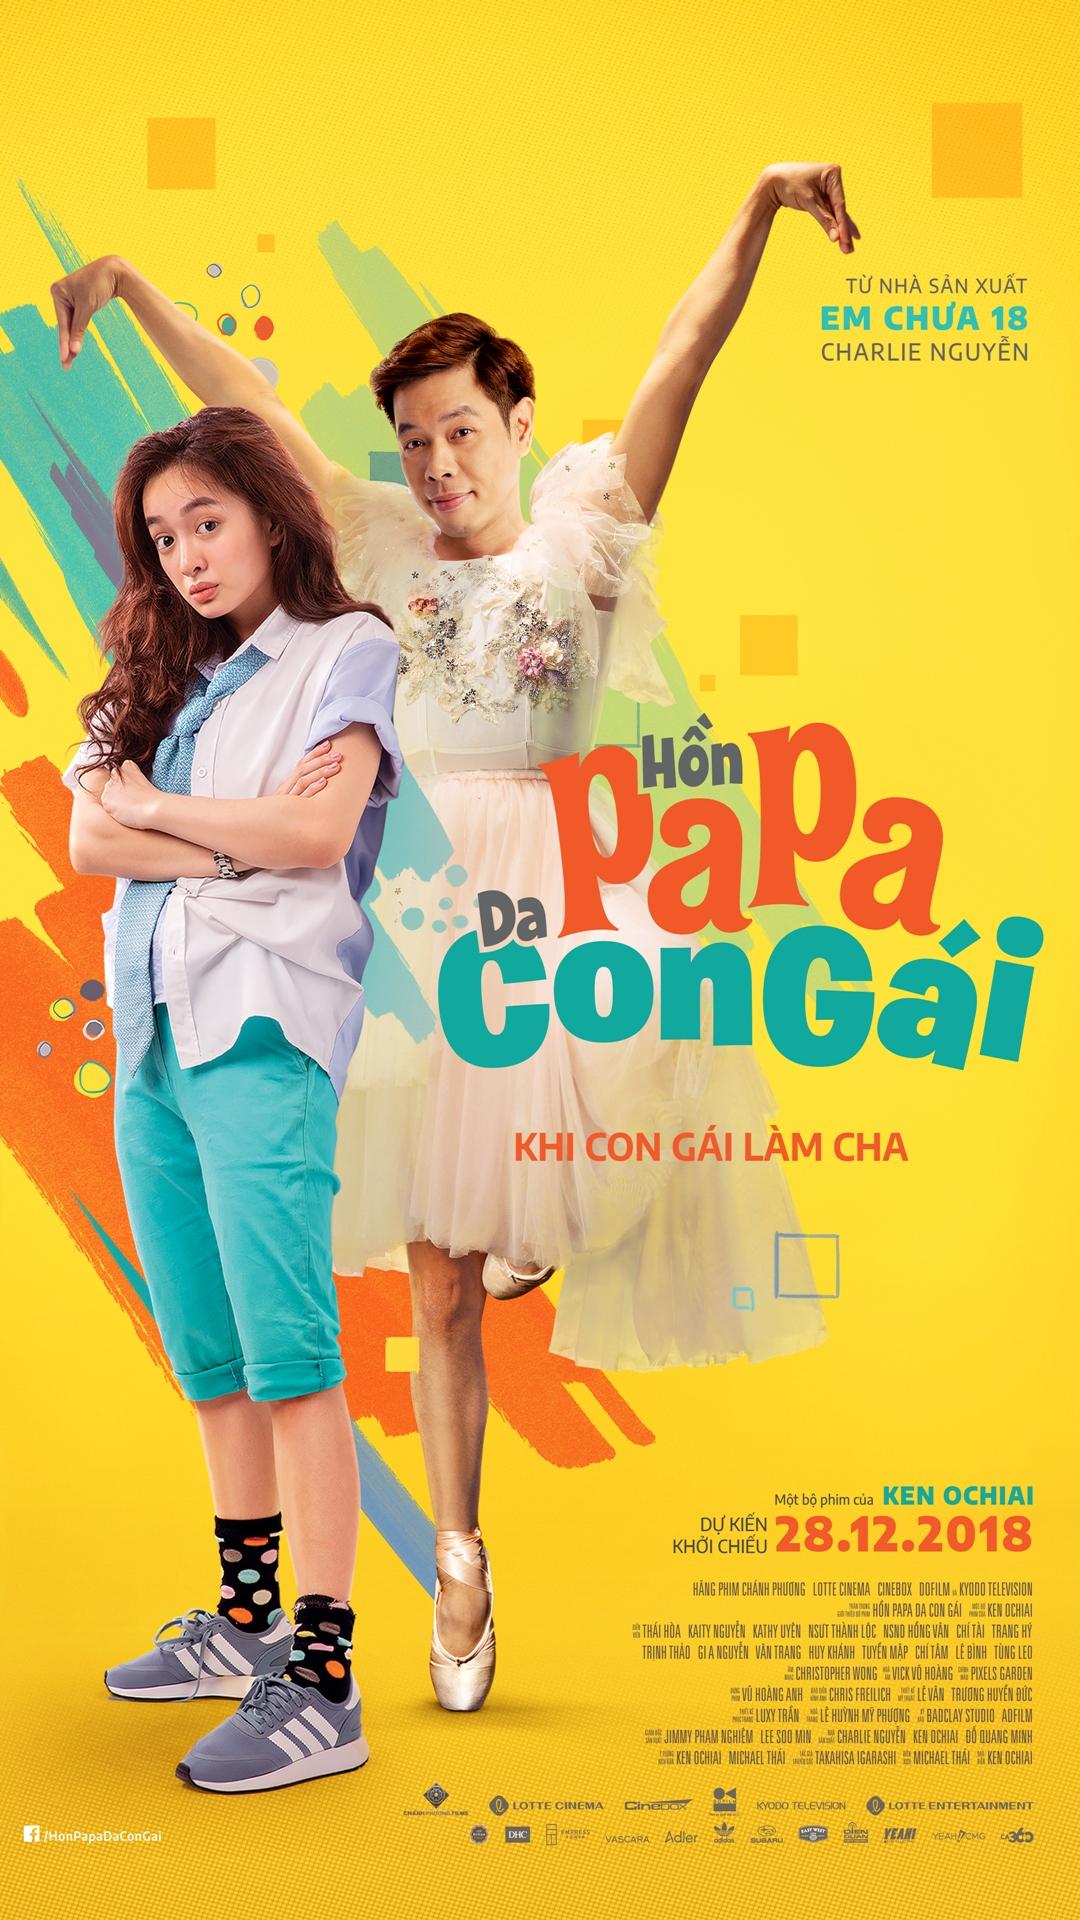 """Picture for category Khởi chiếu sớm bộ phim hài Việt """"Hồn papa, da con gái"""""""